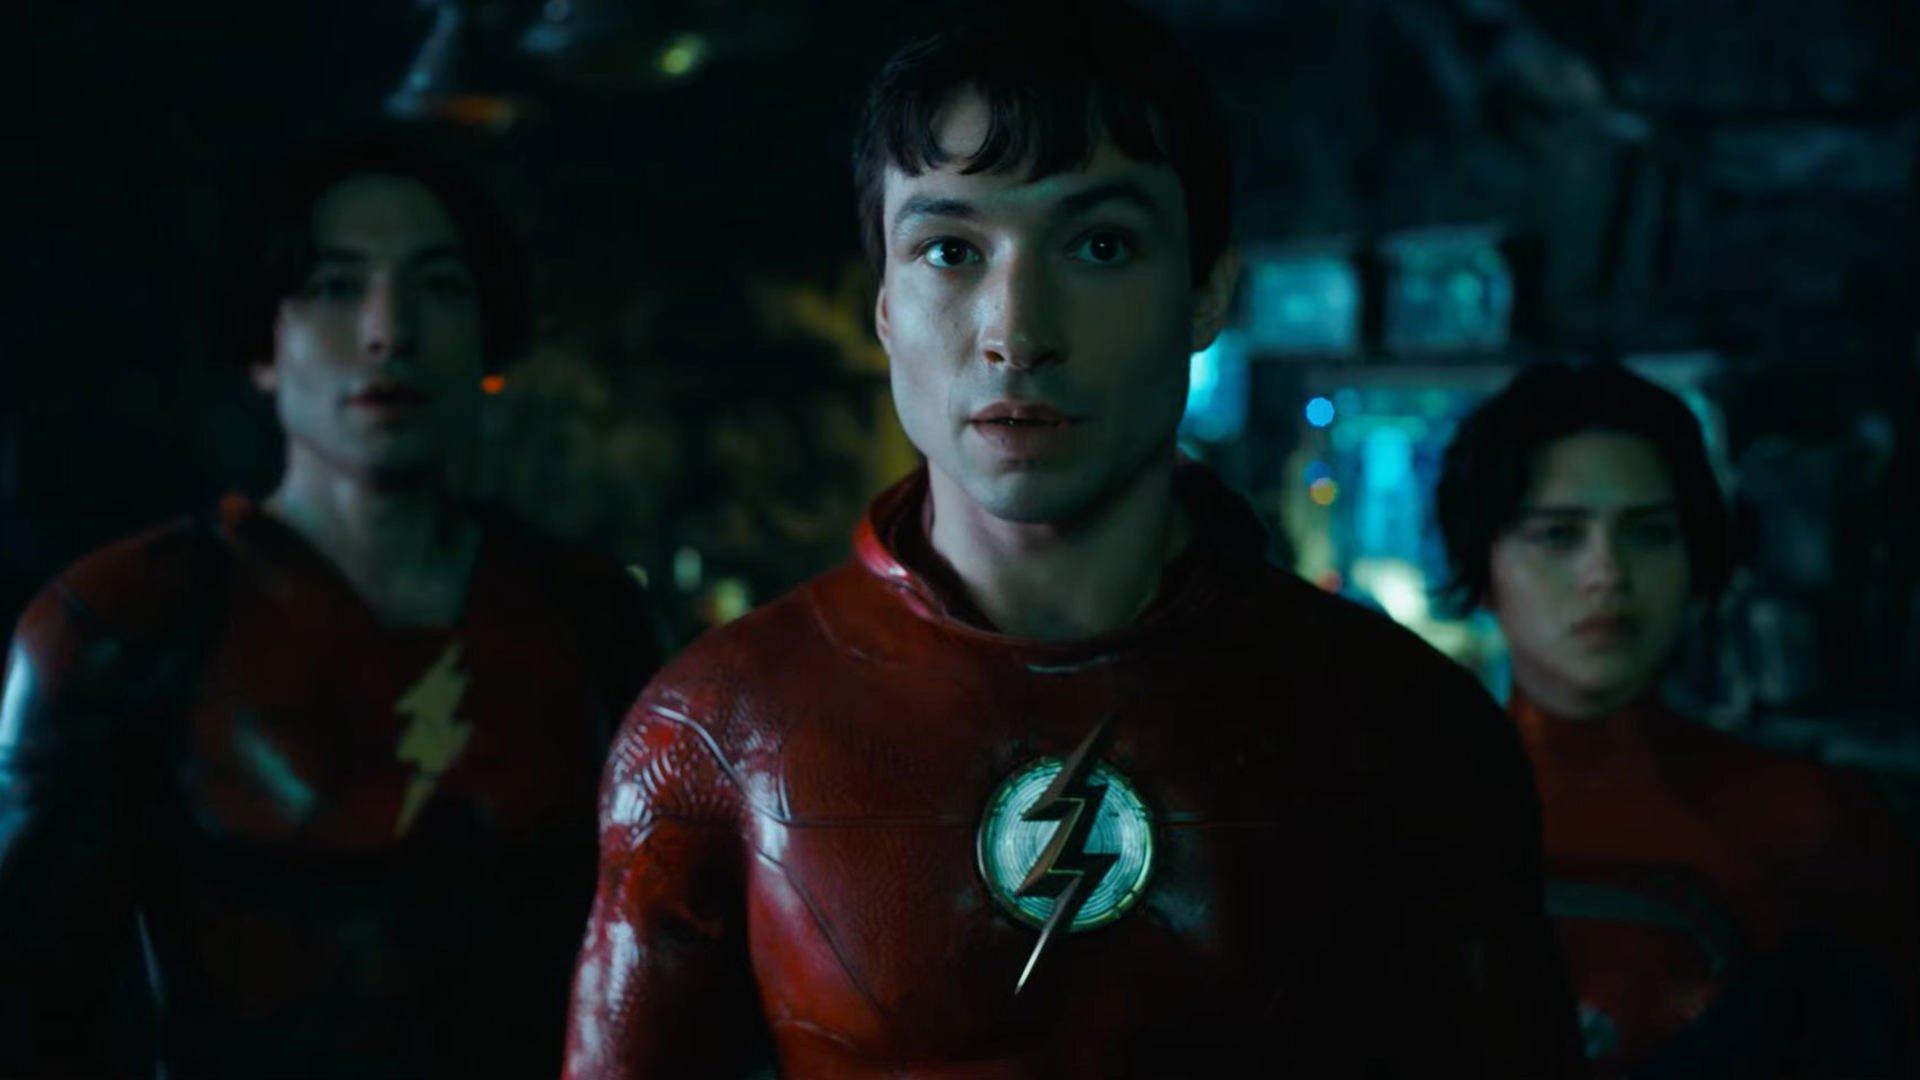 ملاقات فلش با بتمن مایکل کیتون در اولین تیزر تریلر فیلم The Flash